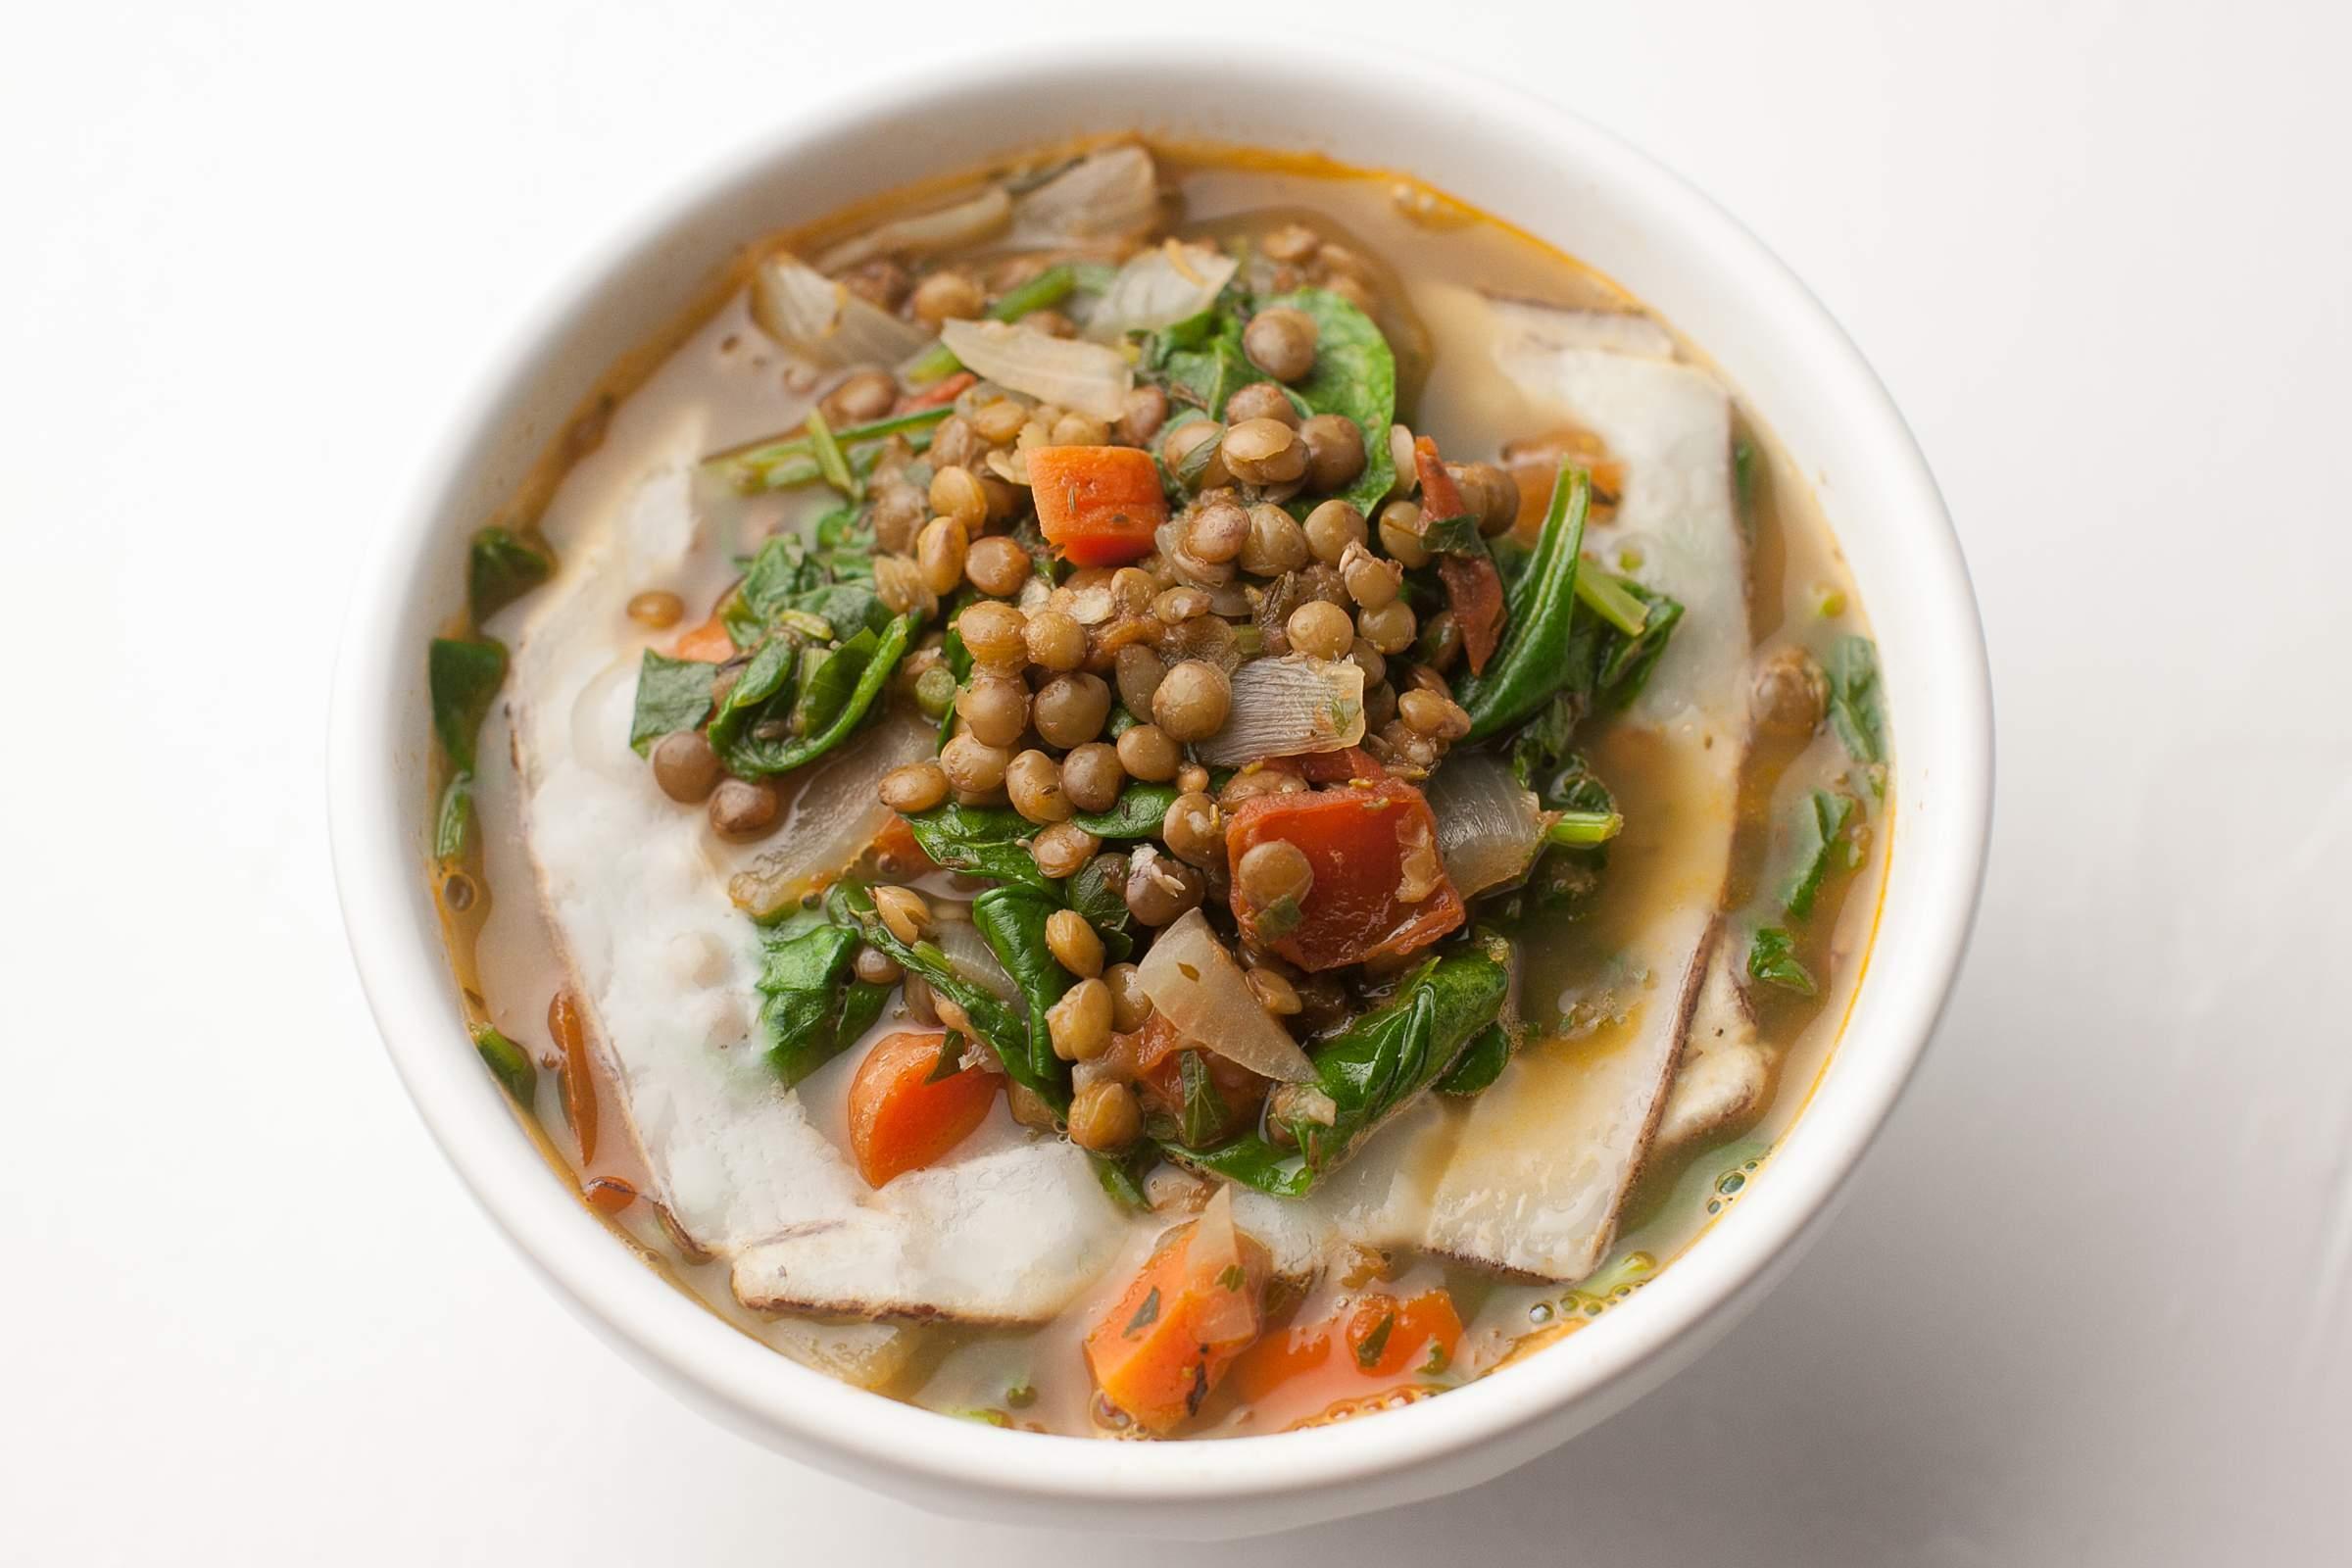 River cottage veg lentil veggie soup food photography Tom Schmidt